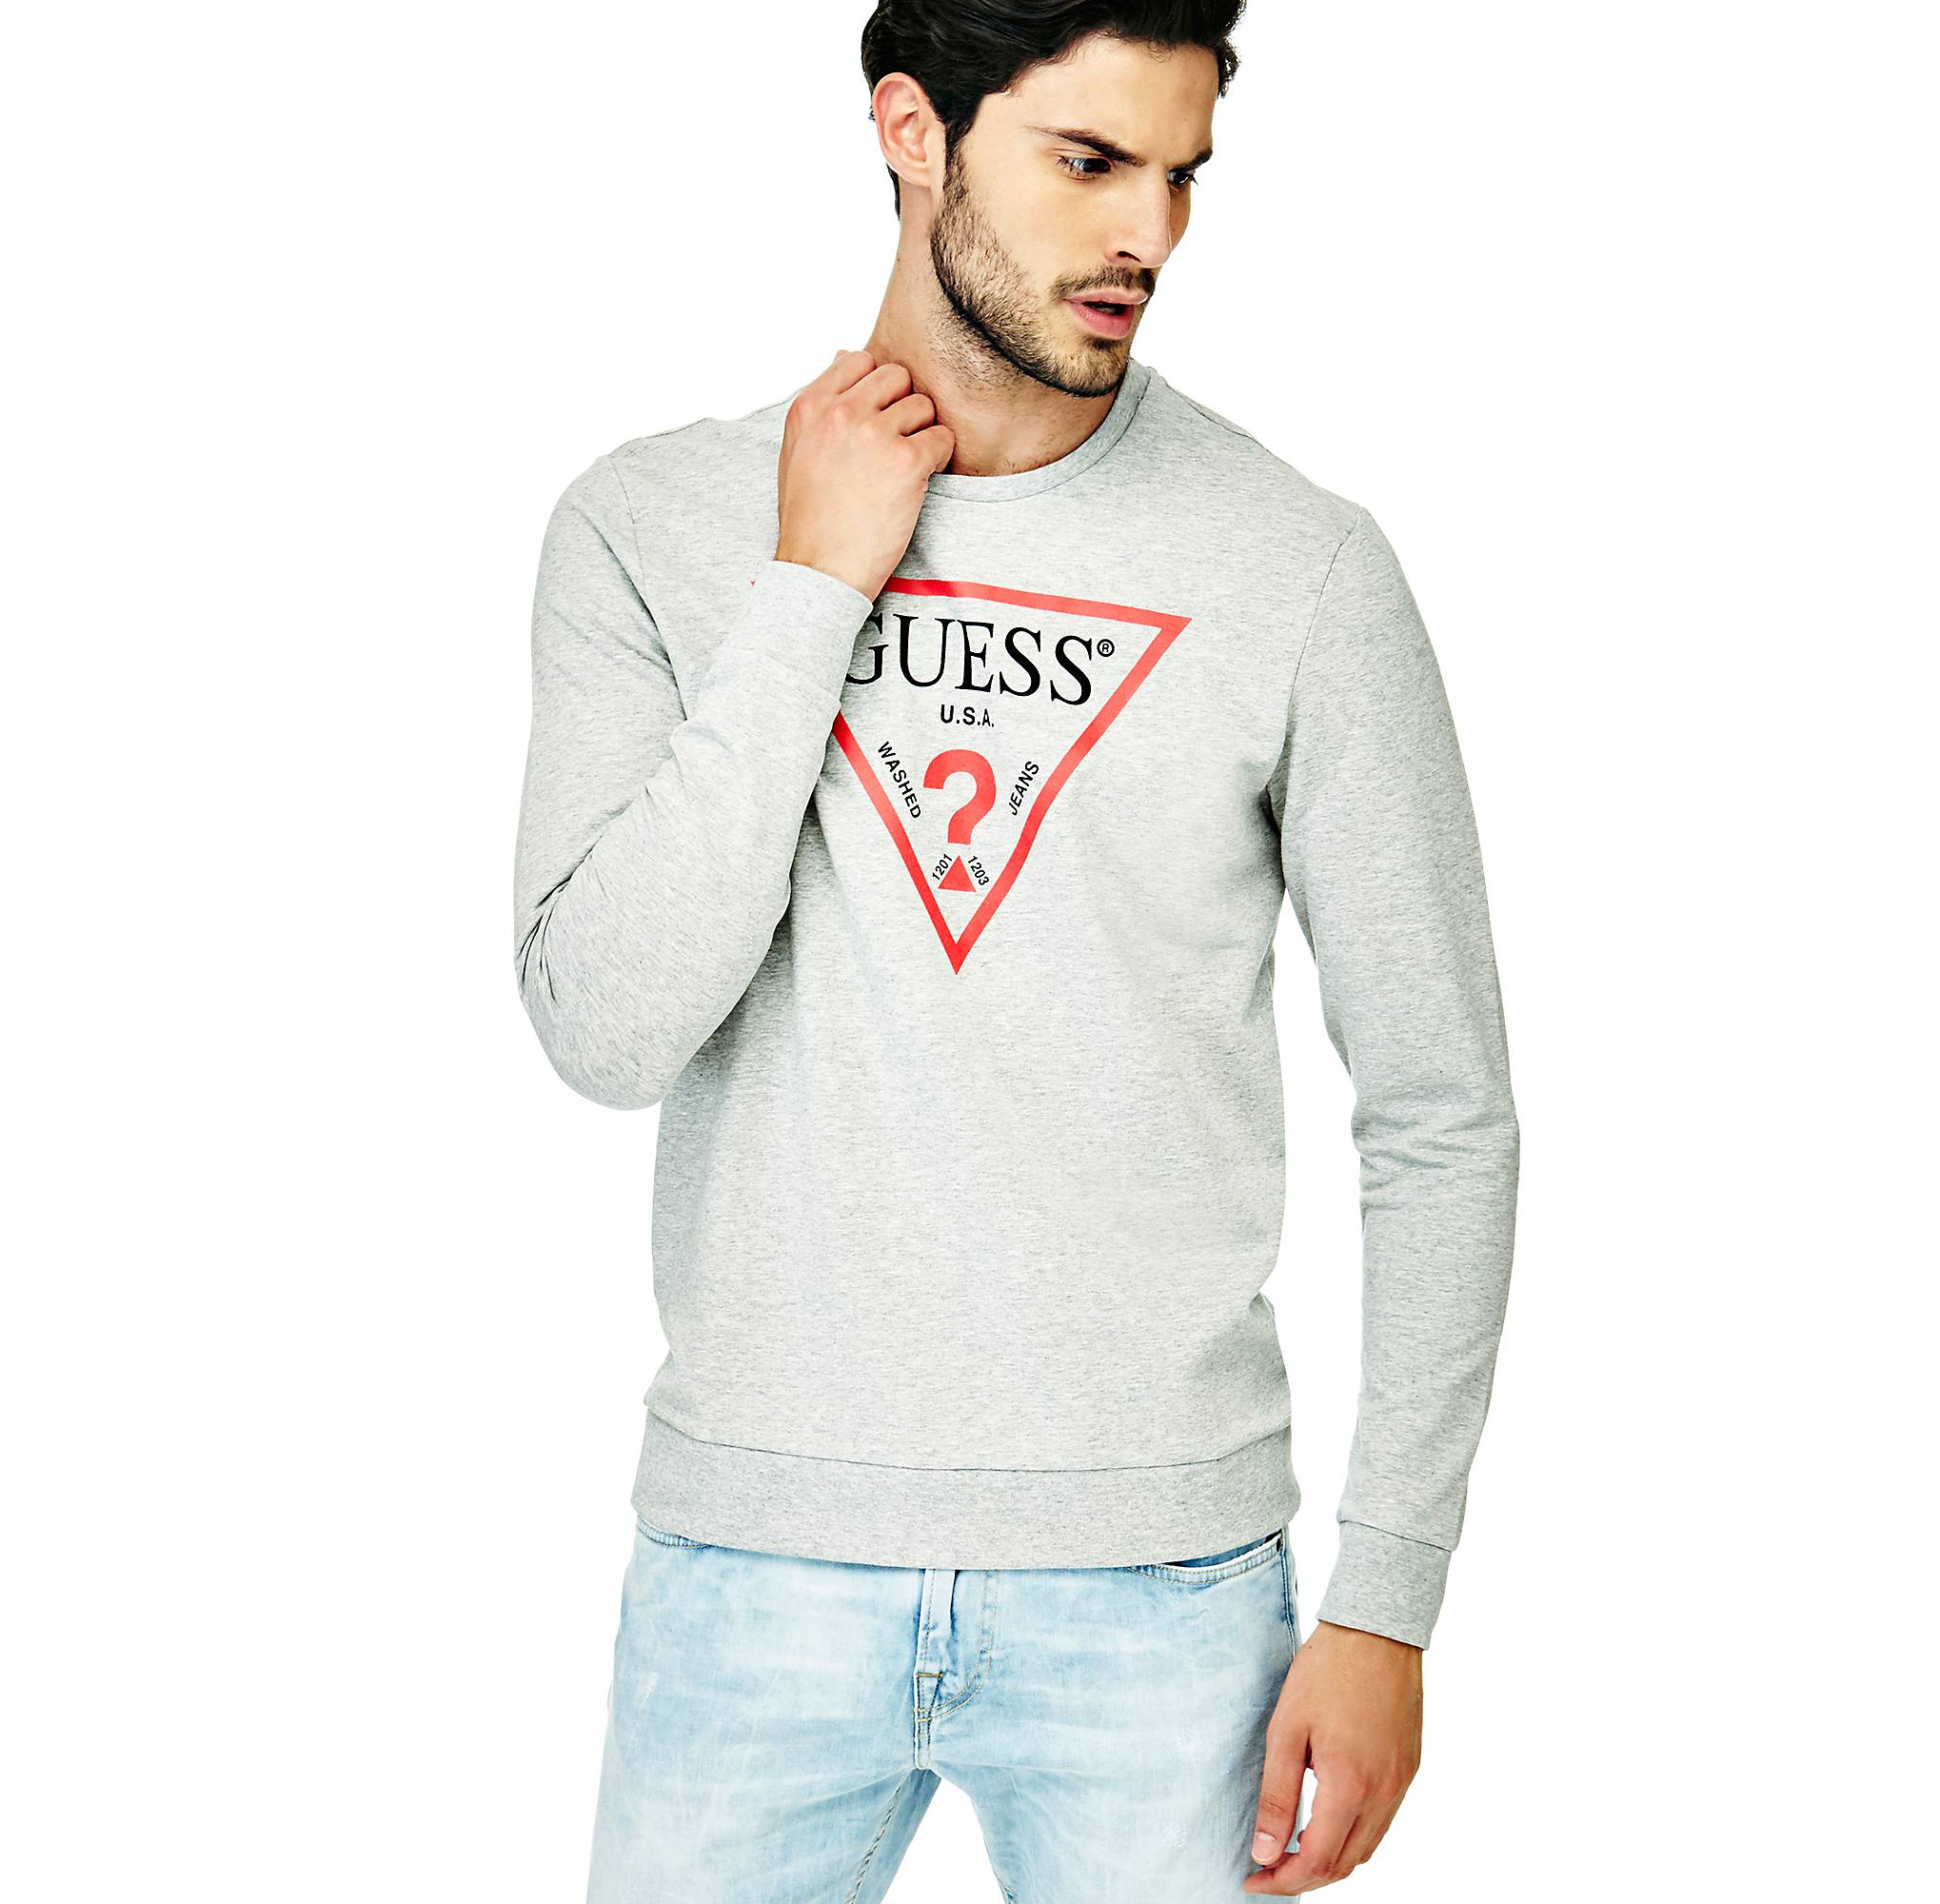 Guess Shirt eu Logo Triangulaire Sweat HxZPP